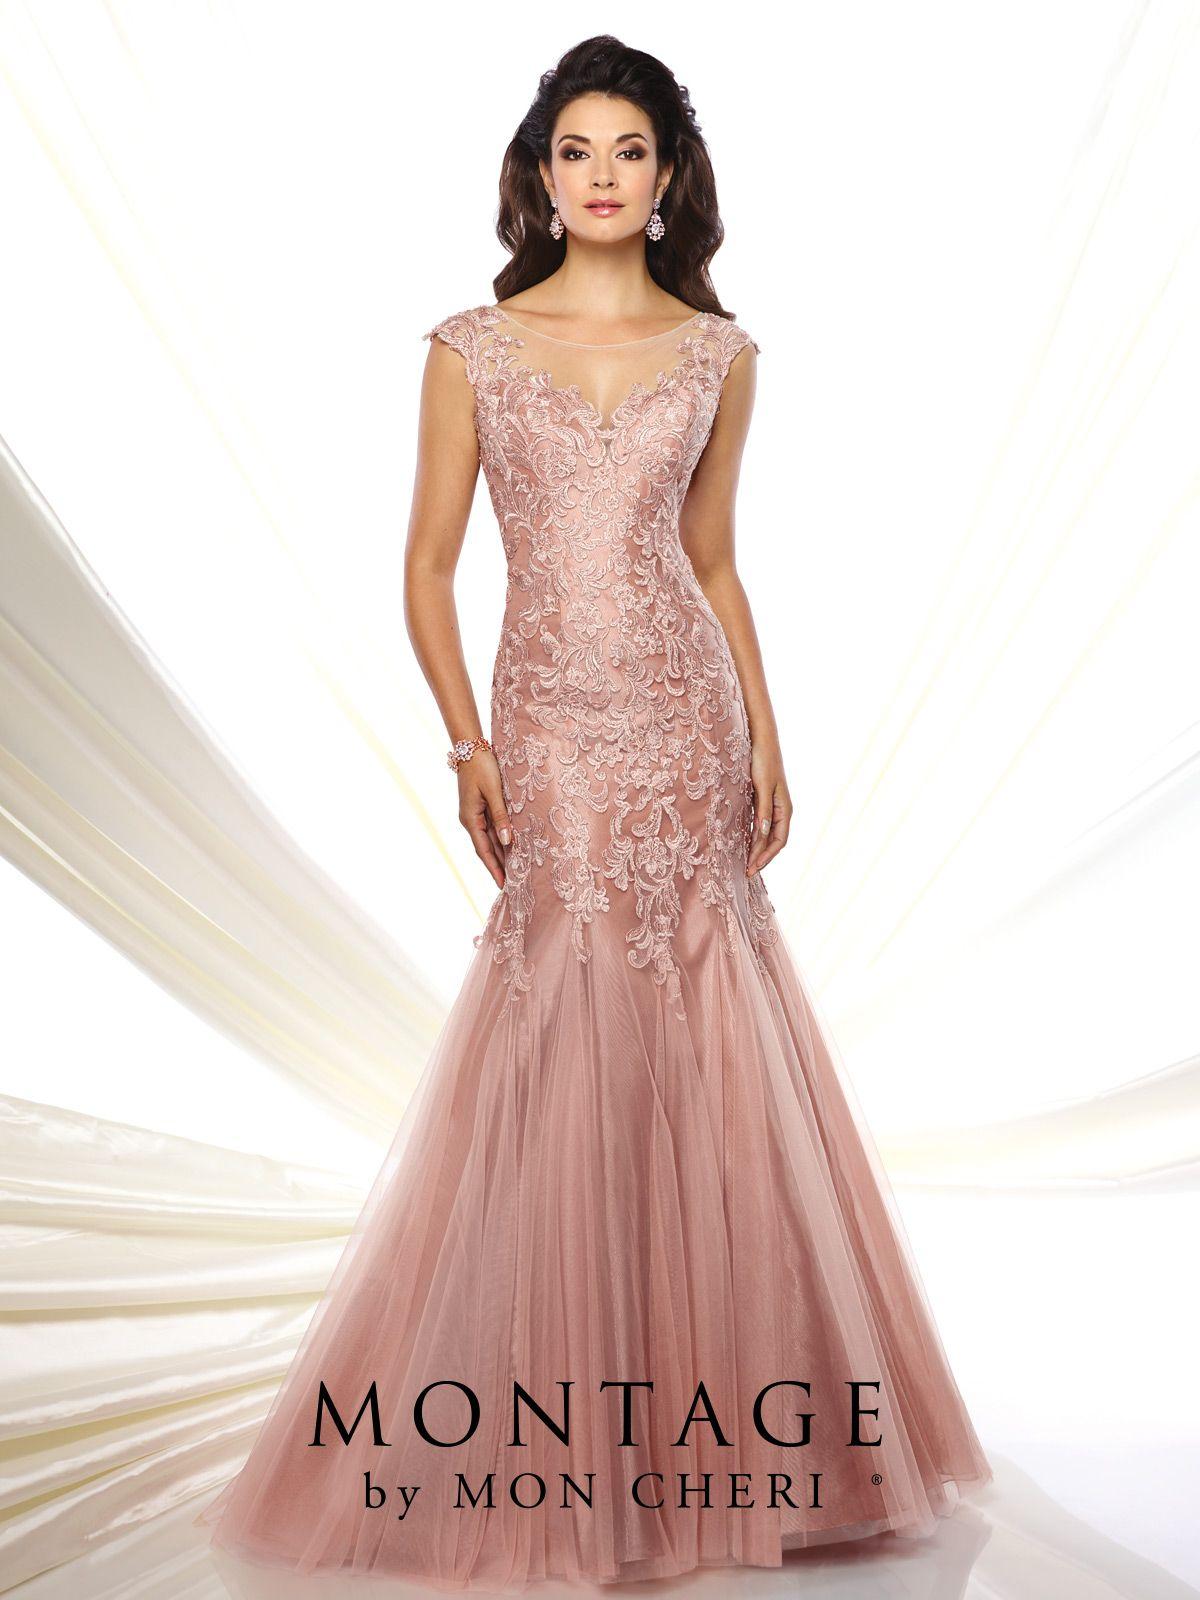 Montage by Mon Cheri - 116953 | Vestiditos, Vestidos boda y Vestidos ...